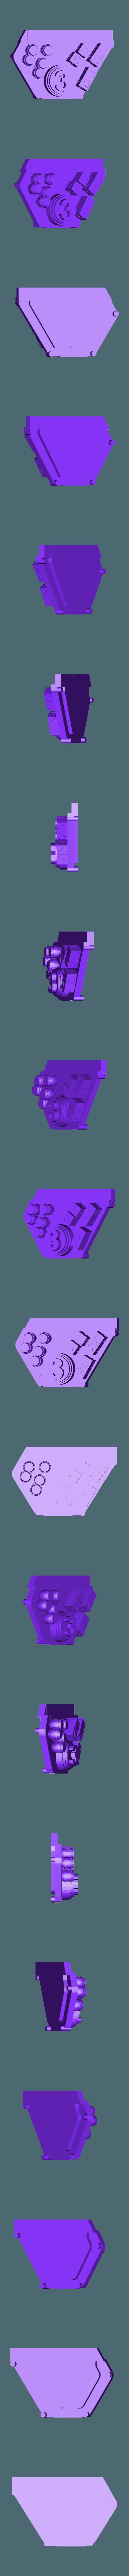 Catan_-_Harbor_3_for_1.stl Télécharger fichier STL gratuit Jeu complet de carreaux Catan - Buse simple, multicouches multicolores • Objet pour impression 3D, Hardcore3D